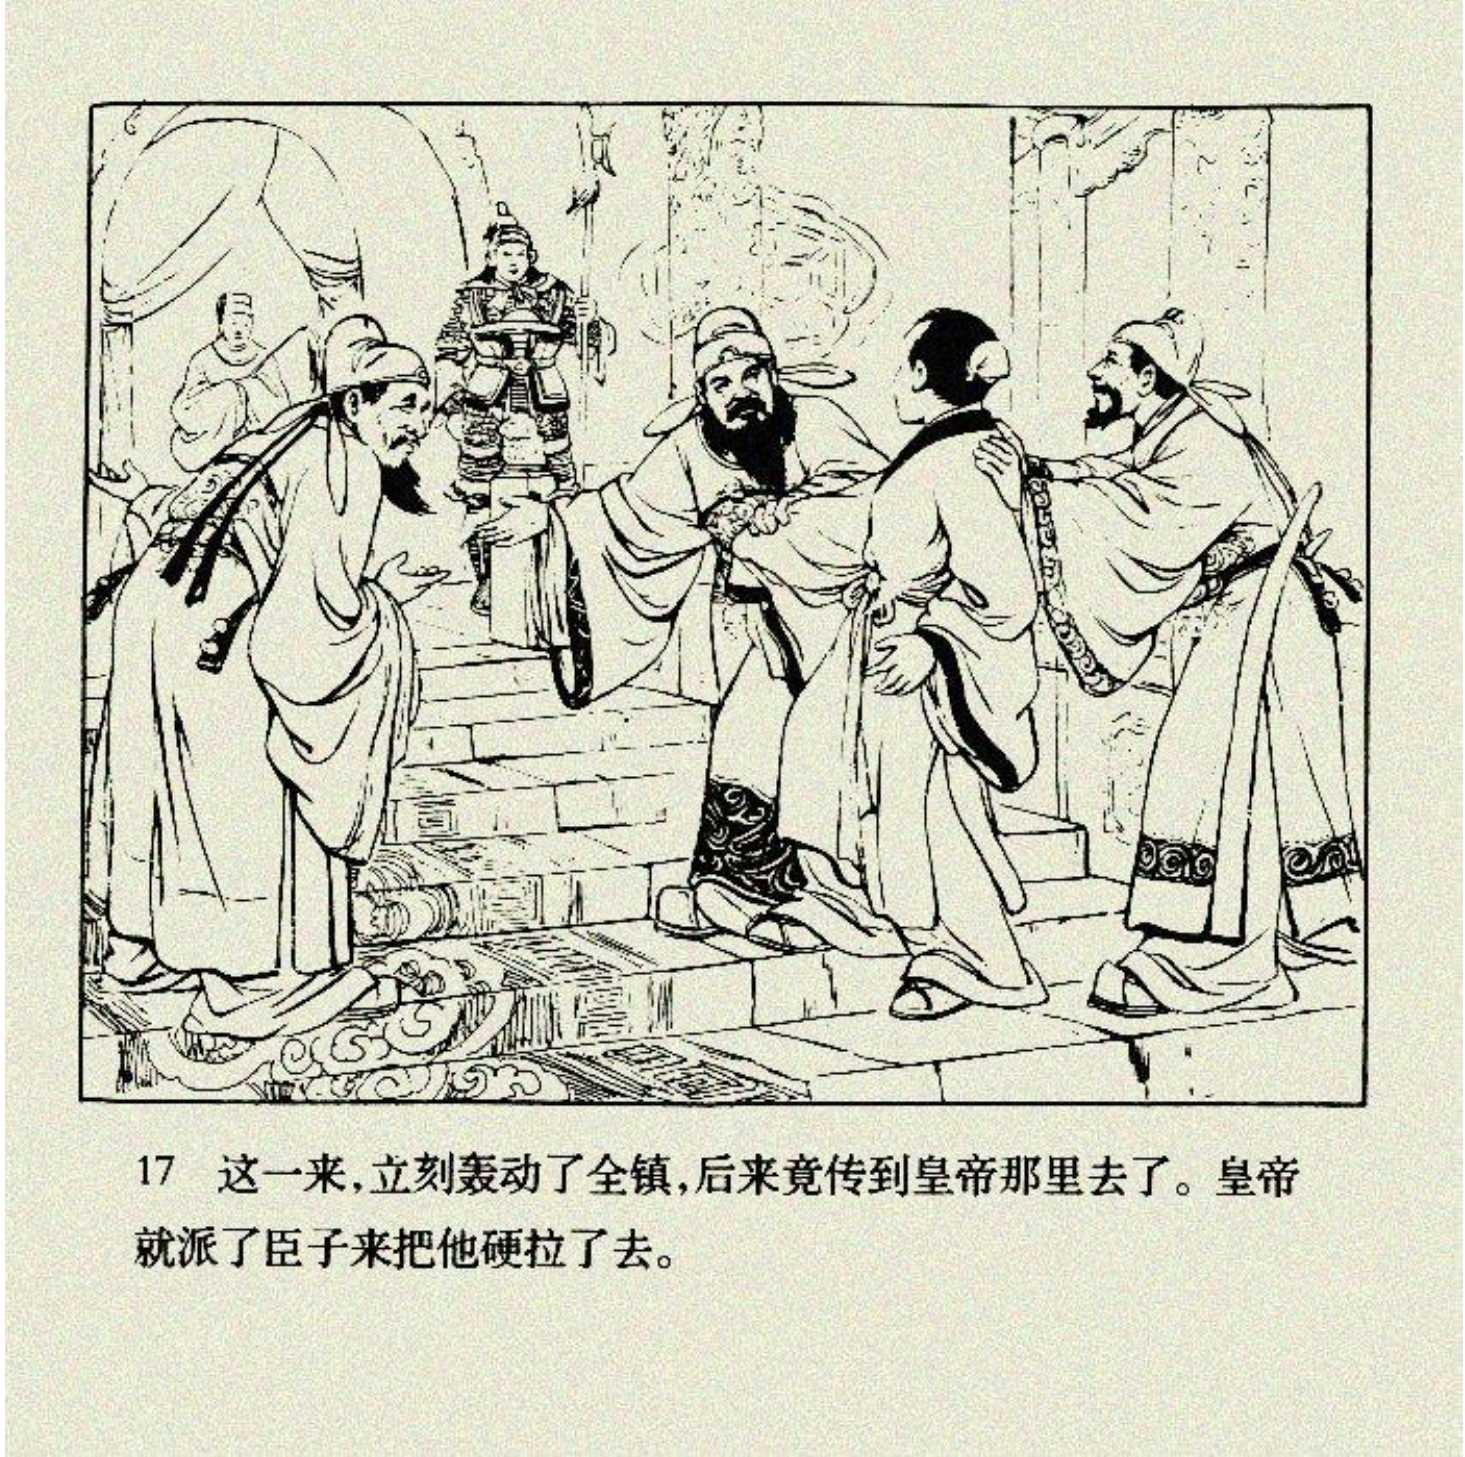 古代故事连环画:《神笔马良》《神牛》人美版